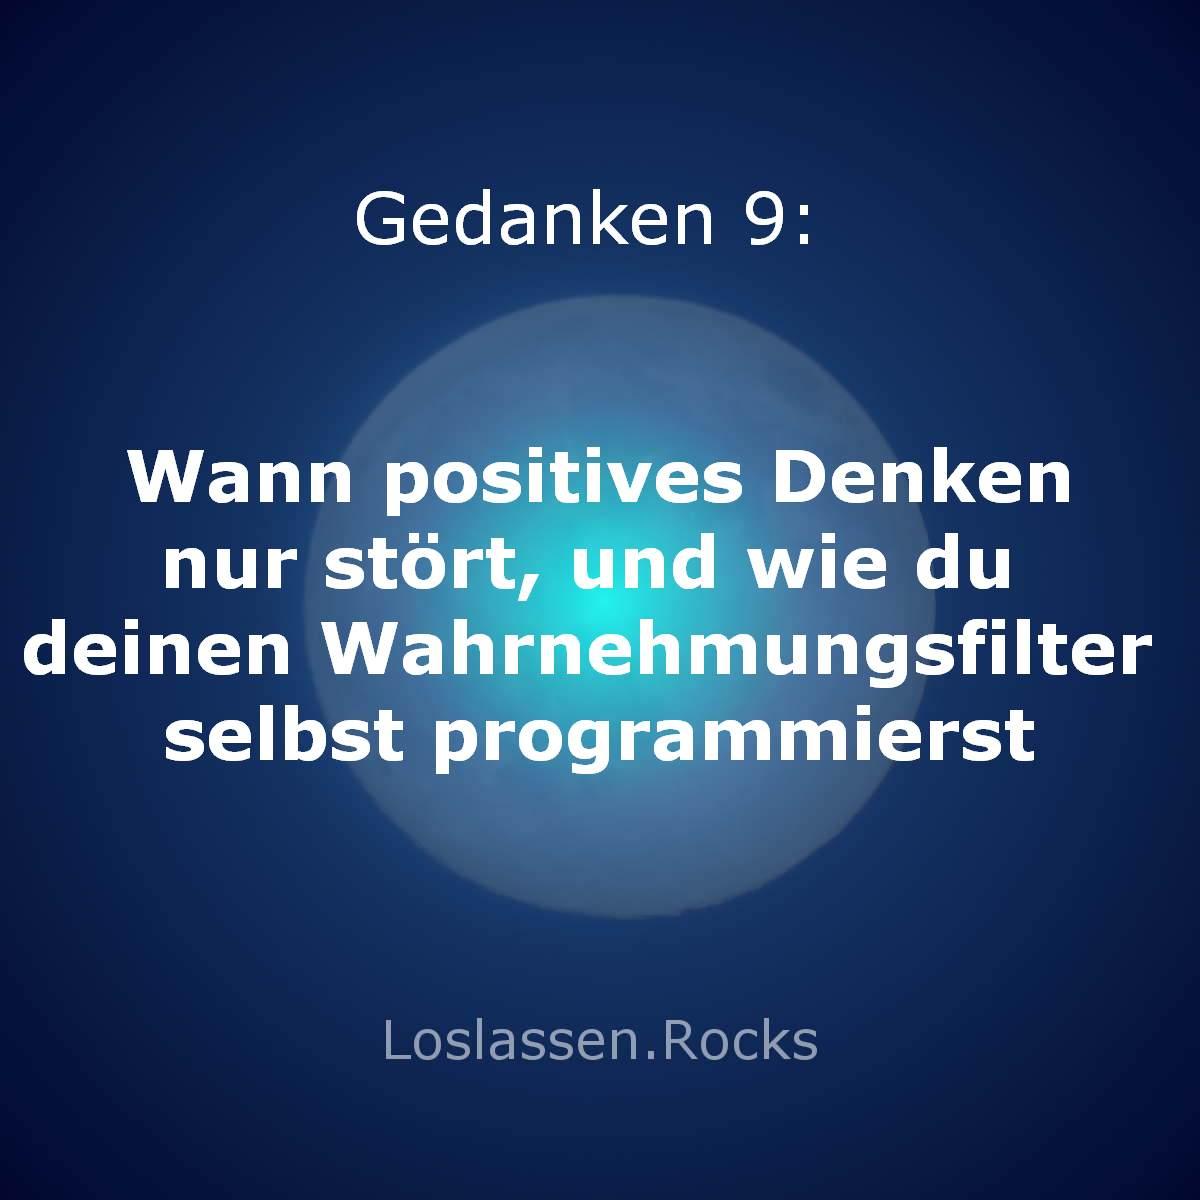 Titel-Wann-positives-Denken-nur-stört-und-wie-du-deinen-Wahrnehmungsfilter-selbst-programmierst